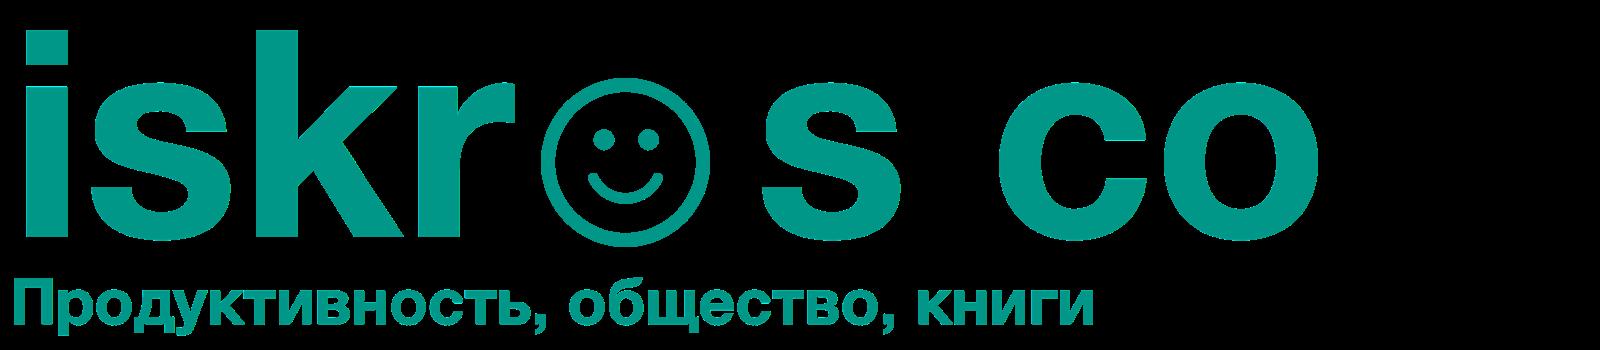 Сайт Ильи Сидоренко - Продуктивность. Общество. Книги